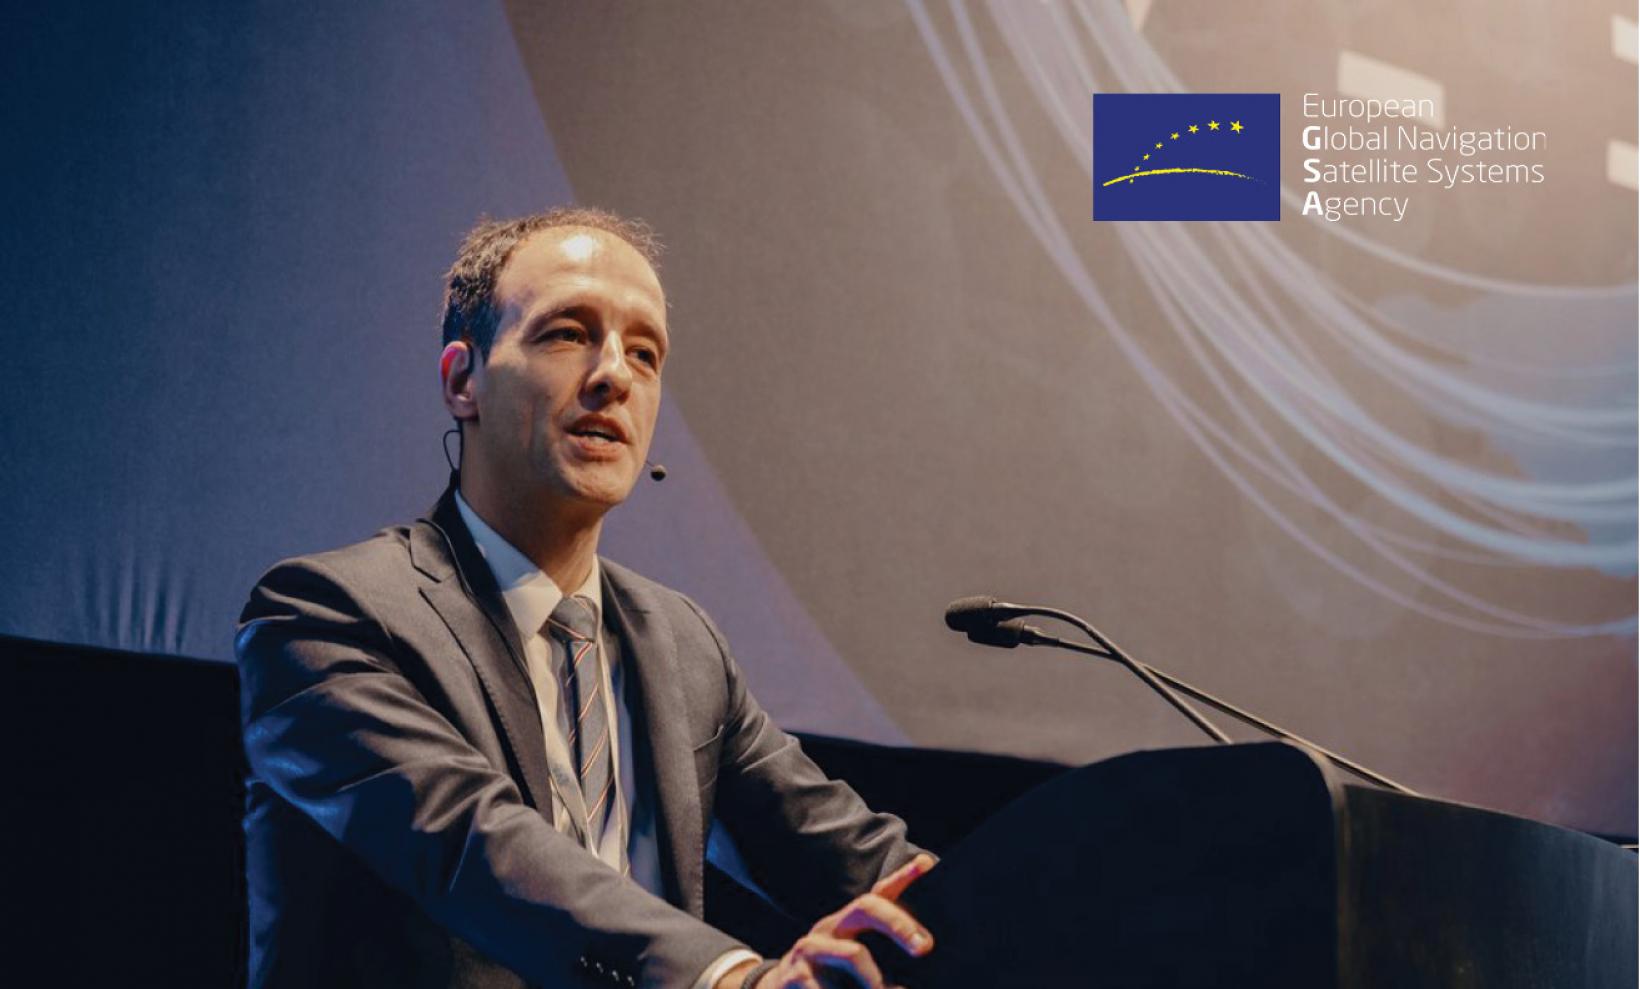 GSA Executive Director Rodrigo da Costa